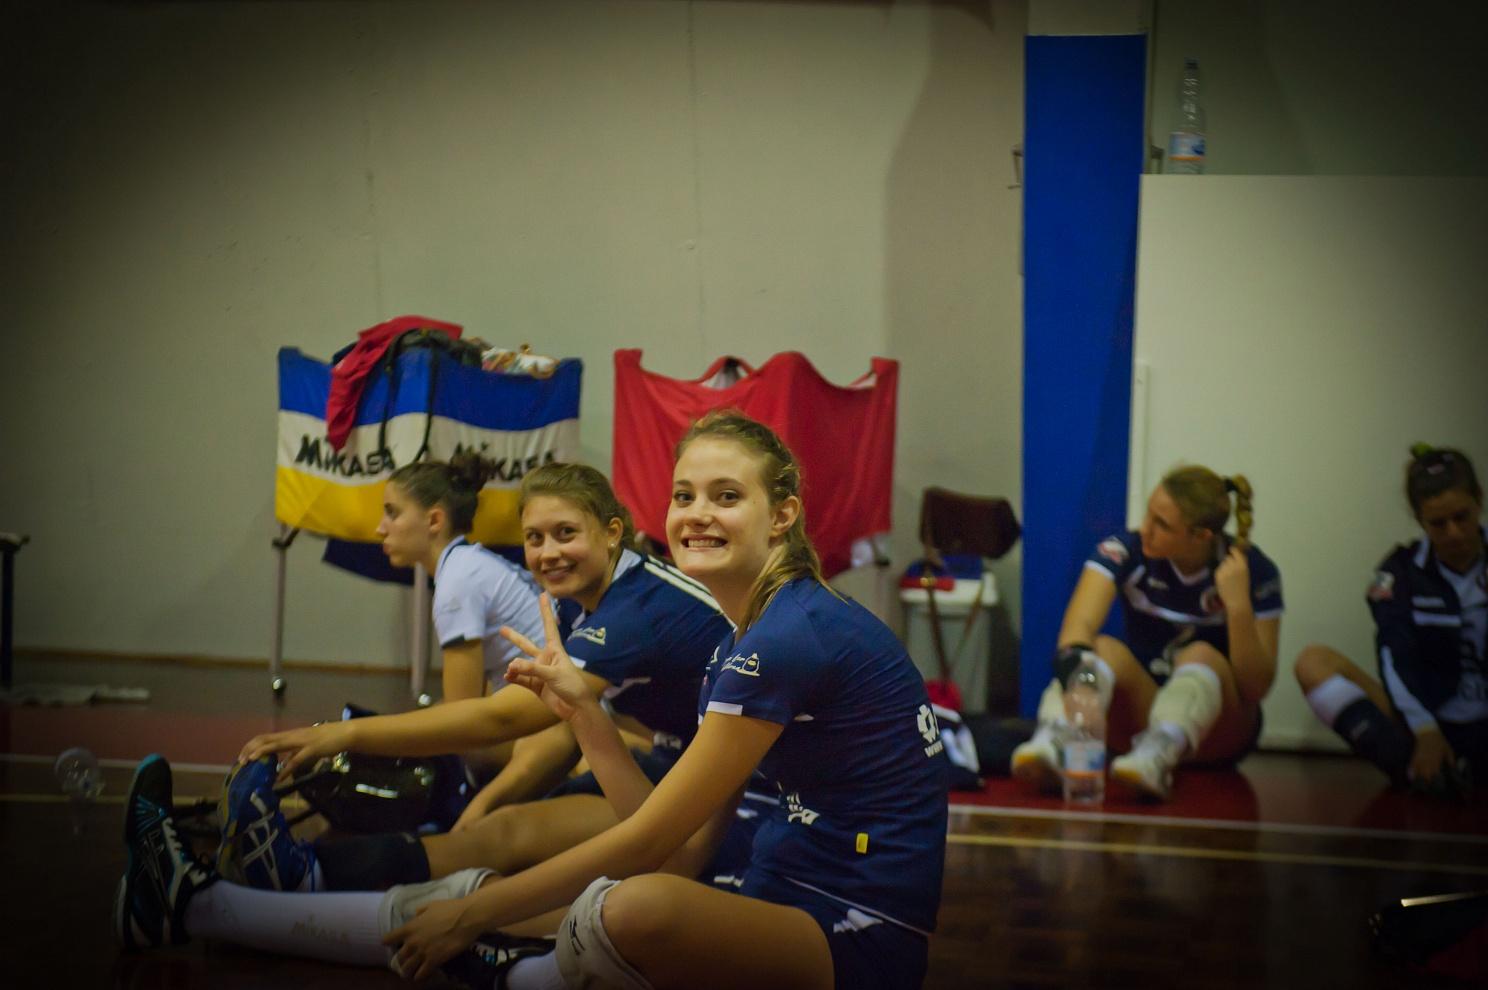 MPF Volley Club Euganea